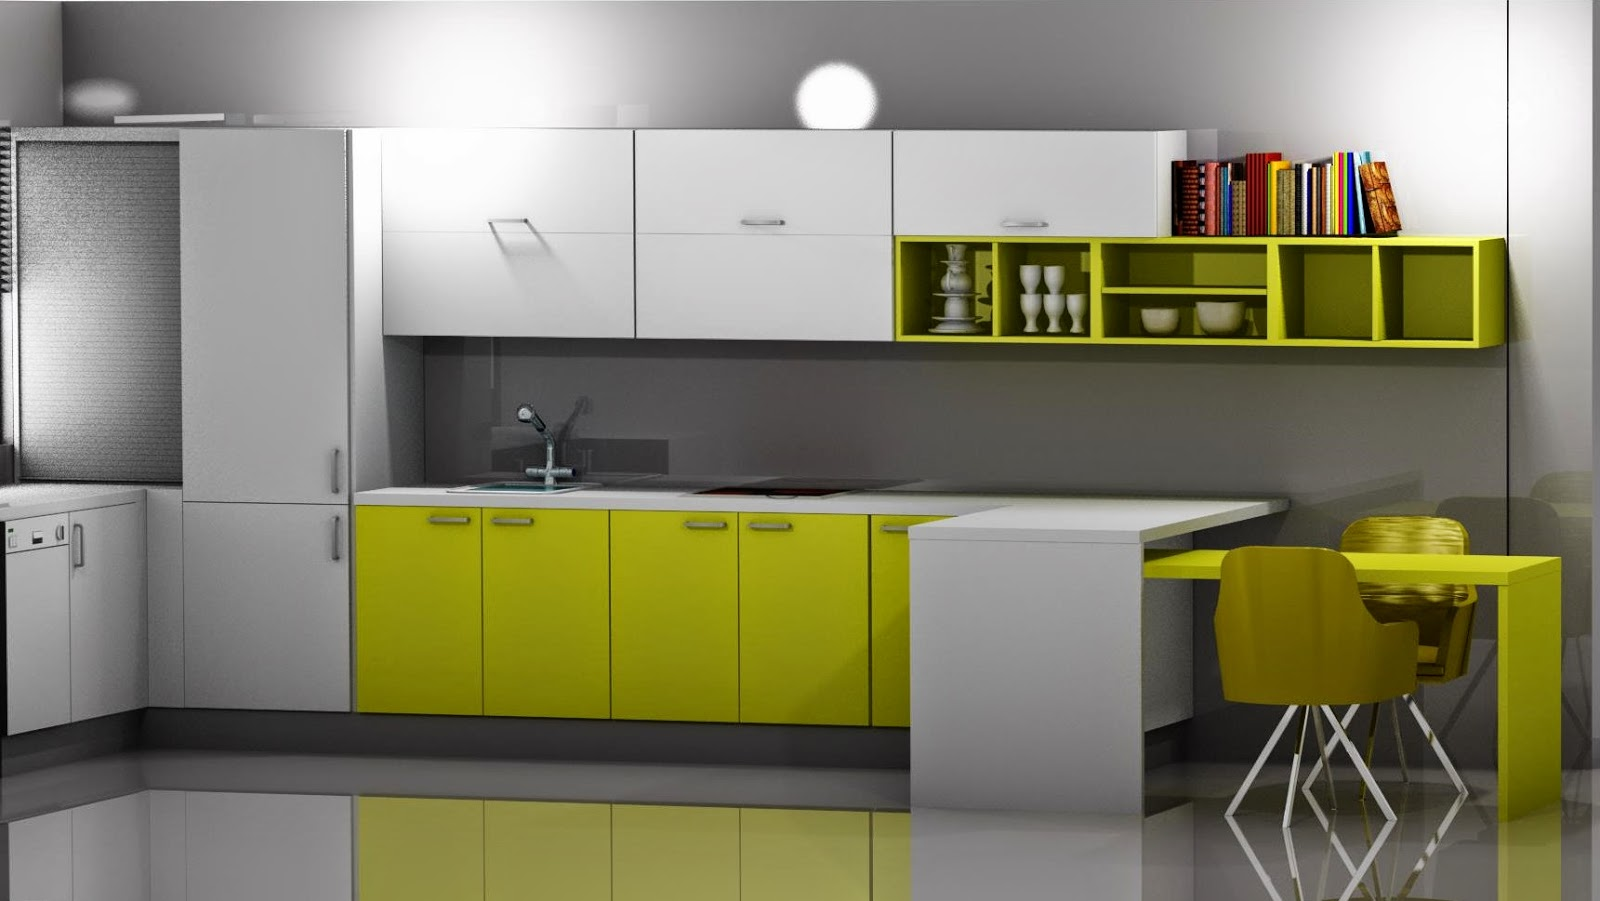 Dise o muebles de cocina dise o de cocina laminado en - Laminado para cocina ...